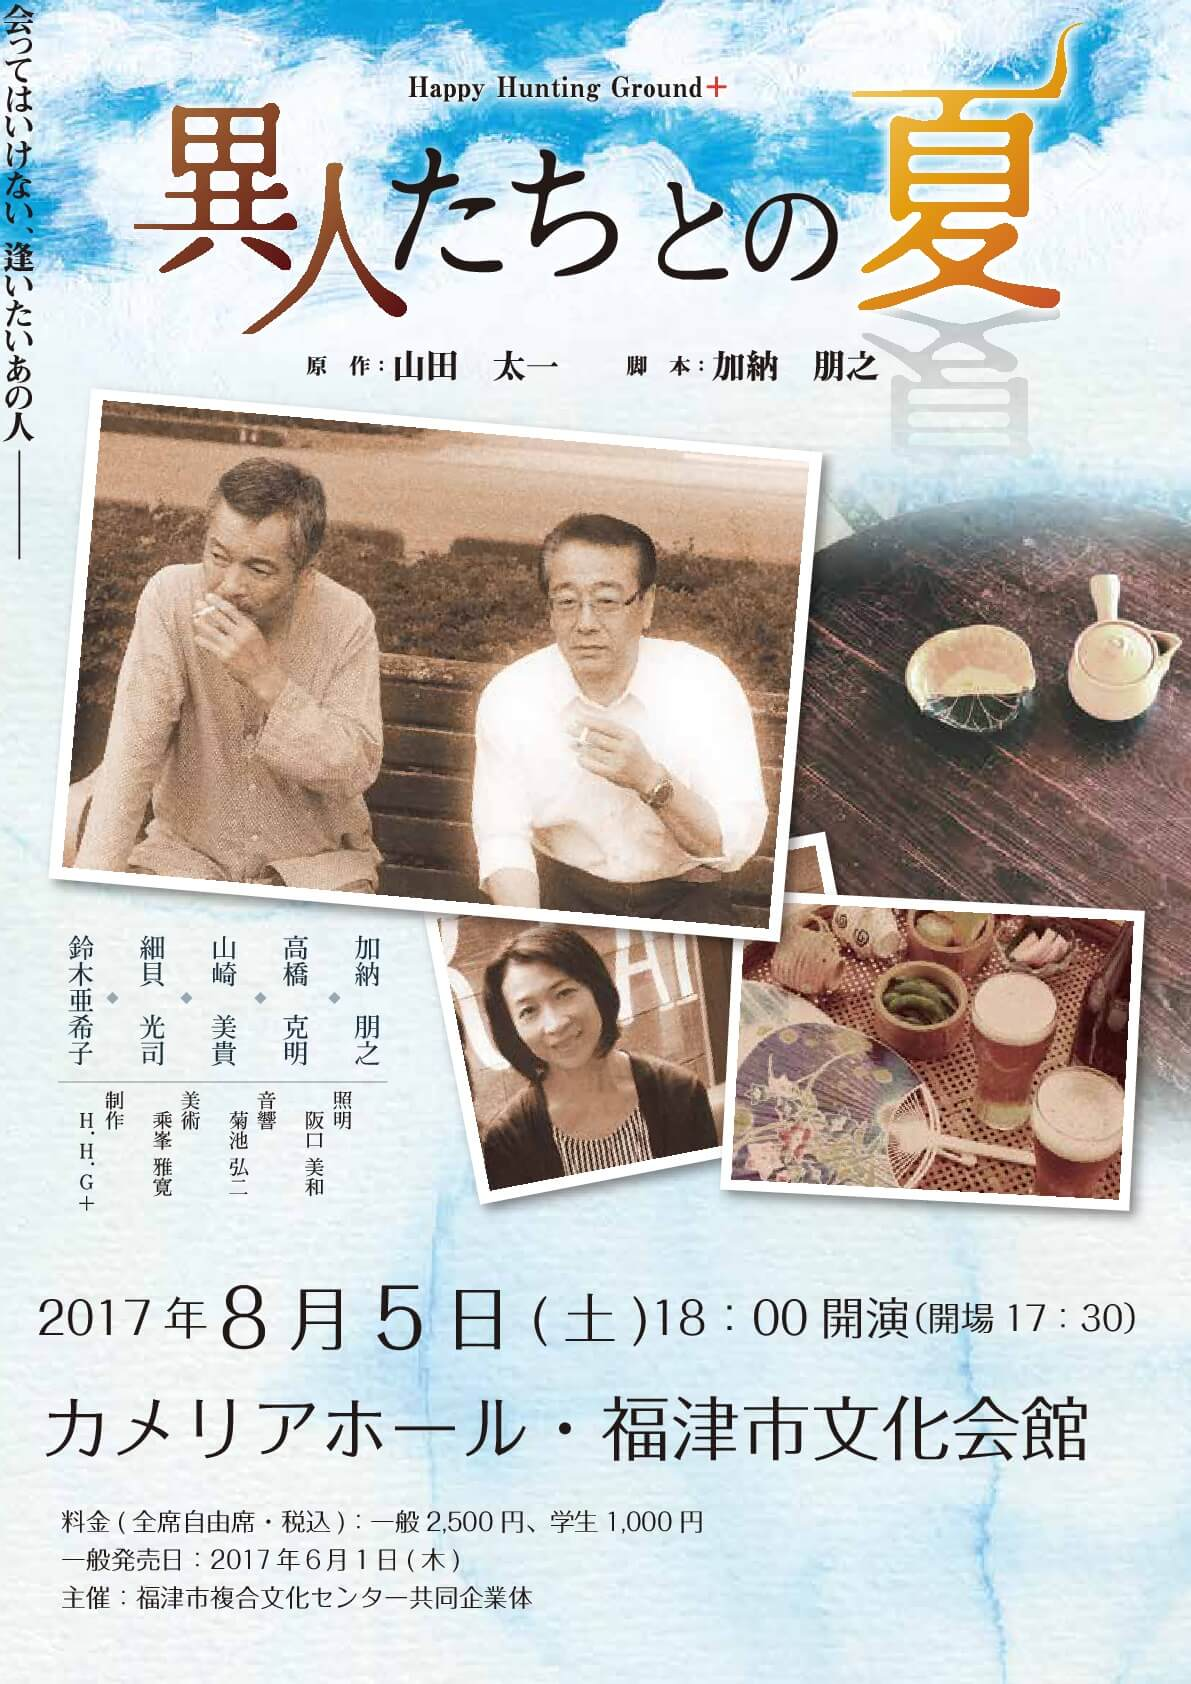 【山崎美貴 舞台出演】「異人たちとの夏」〔福岡(福津)〕8/5(土)